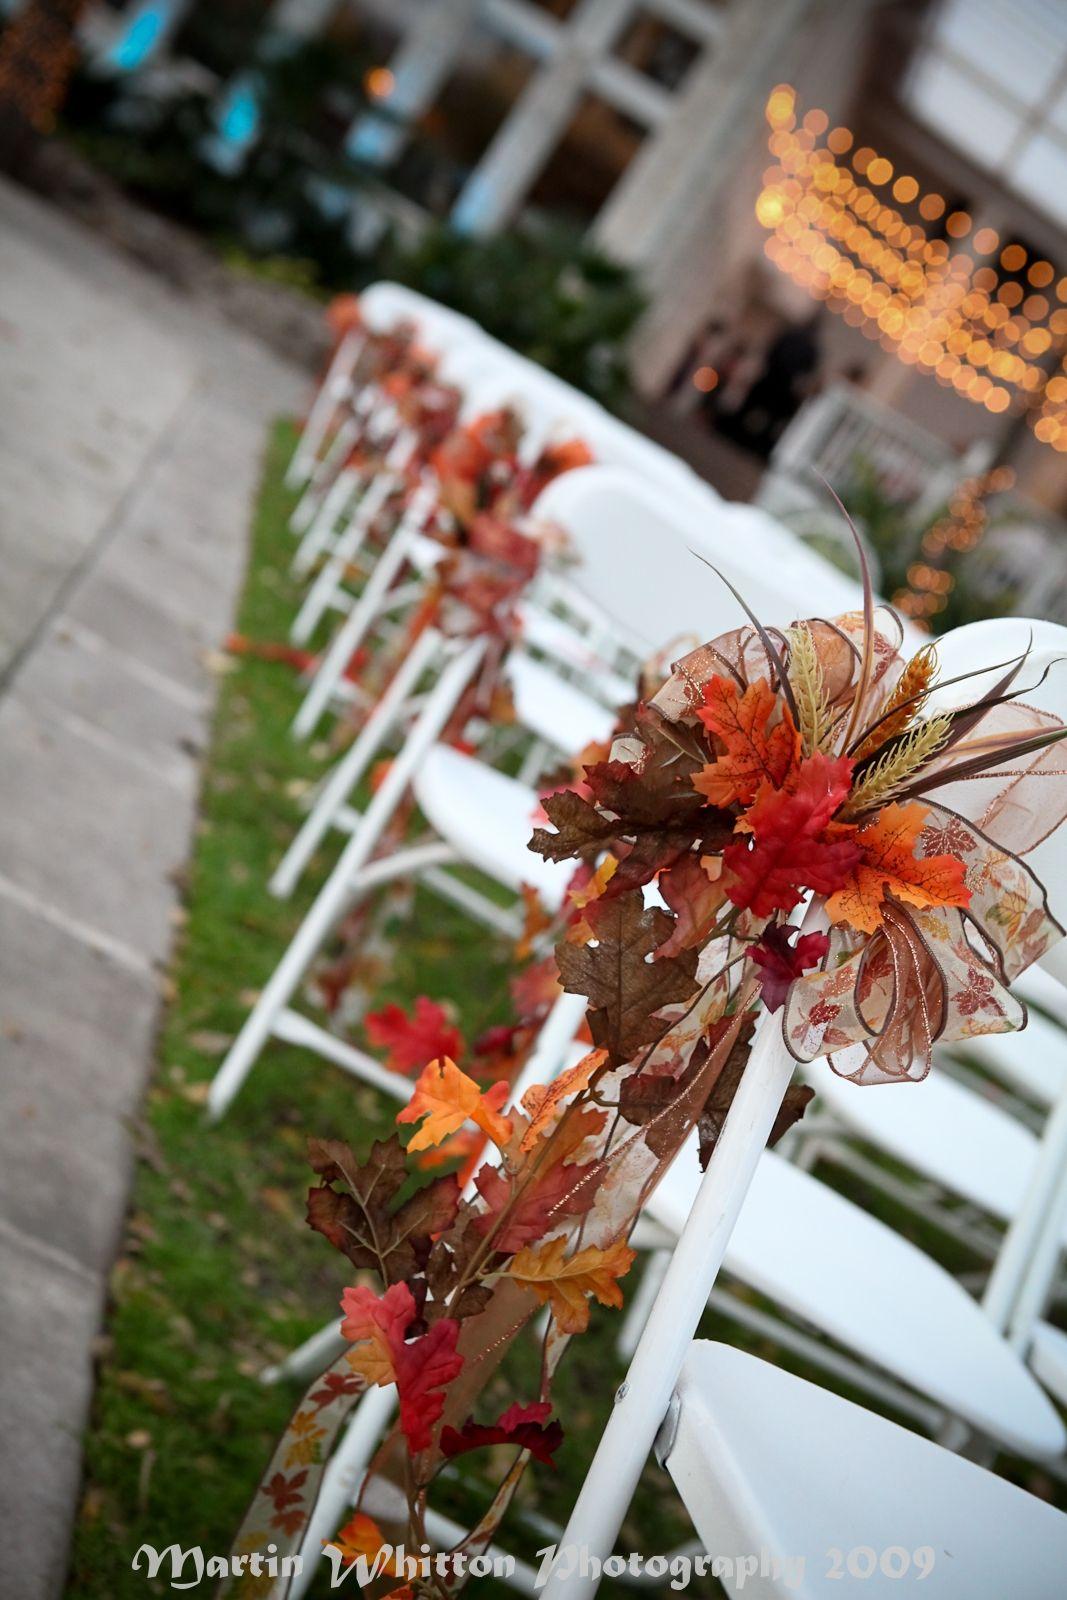 November wedding decoration ideas  Fall Wedding Decorations  FALL WEDDING  Pinterest  Decoration